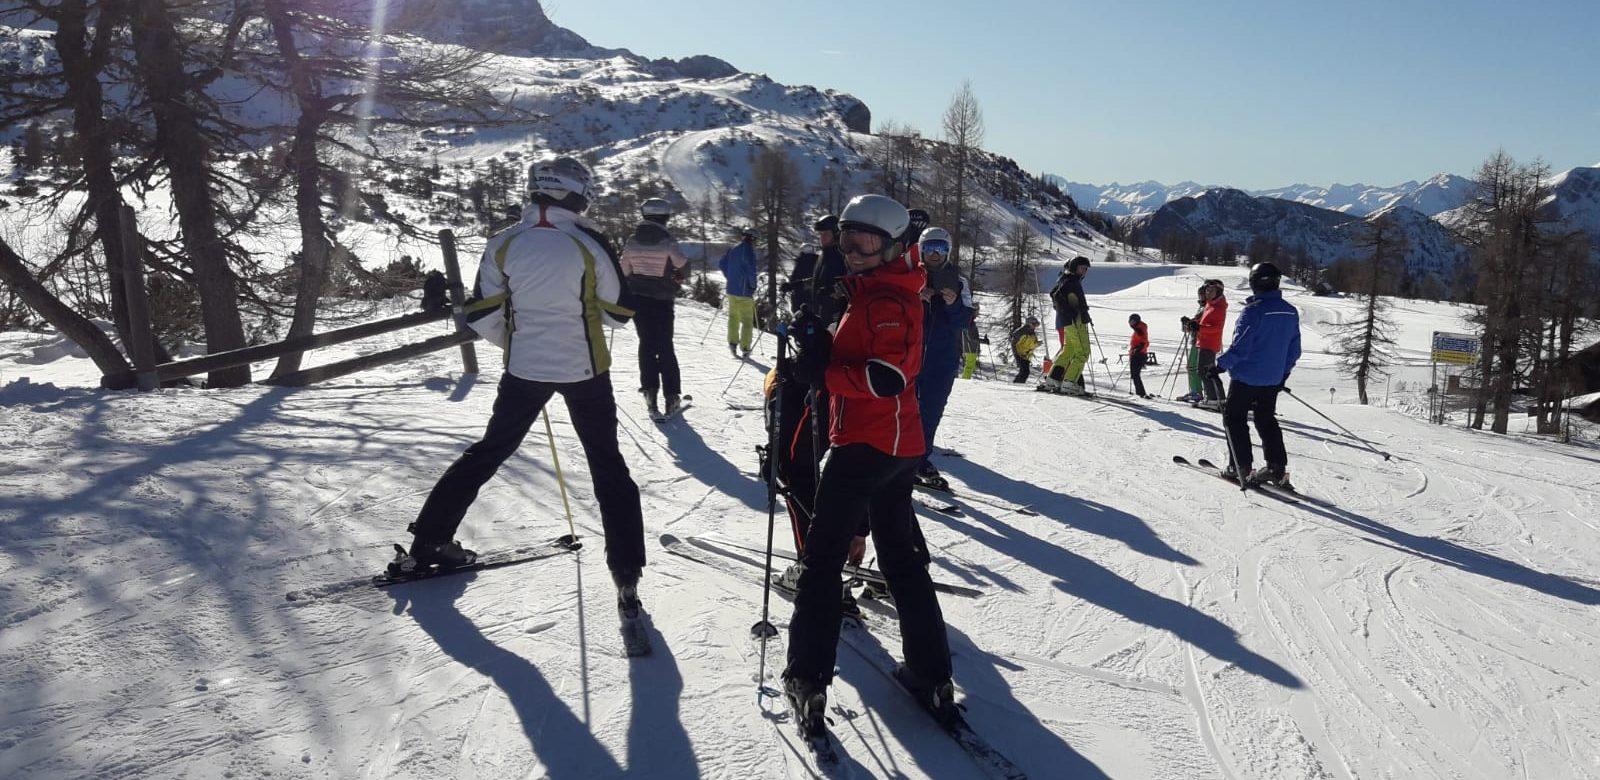 Sportvereinigung Finanz: Ski alpin